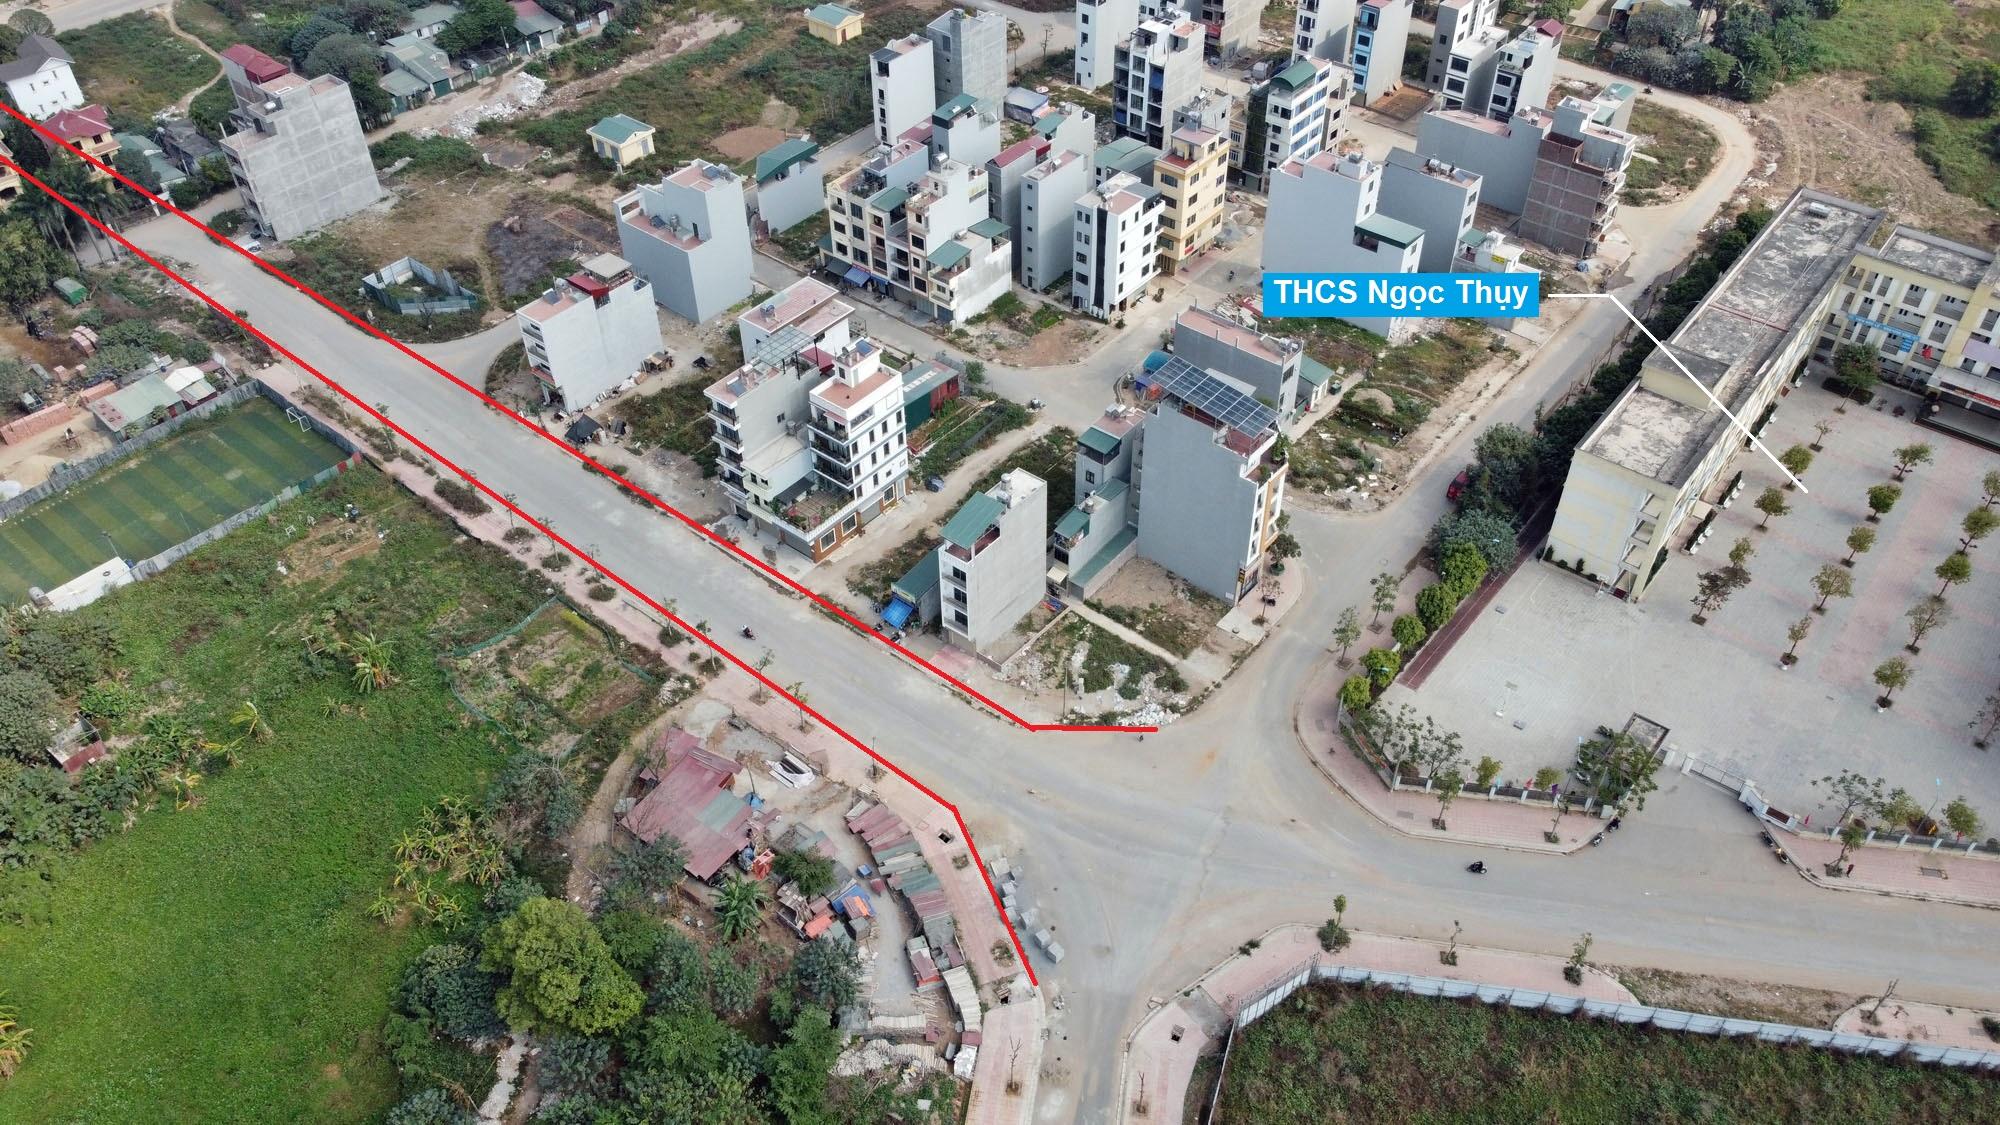 Ba đường mở theo qui hoạch ở phường Ngọc Thụy, Long Biên, Hà Nội (phần 2) - Ảnh 12.